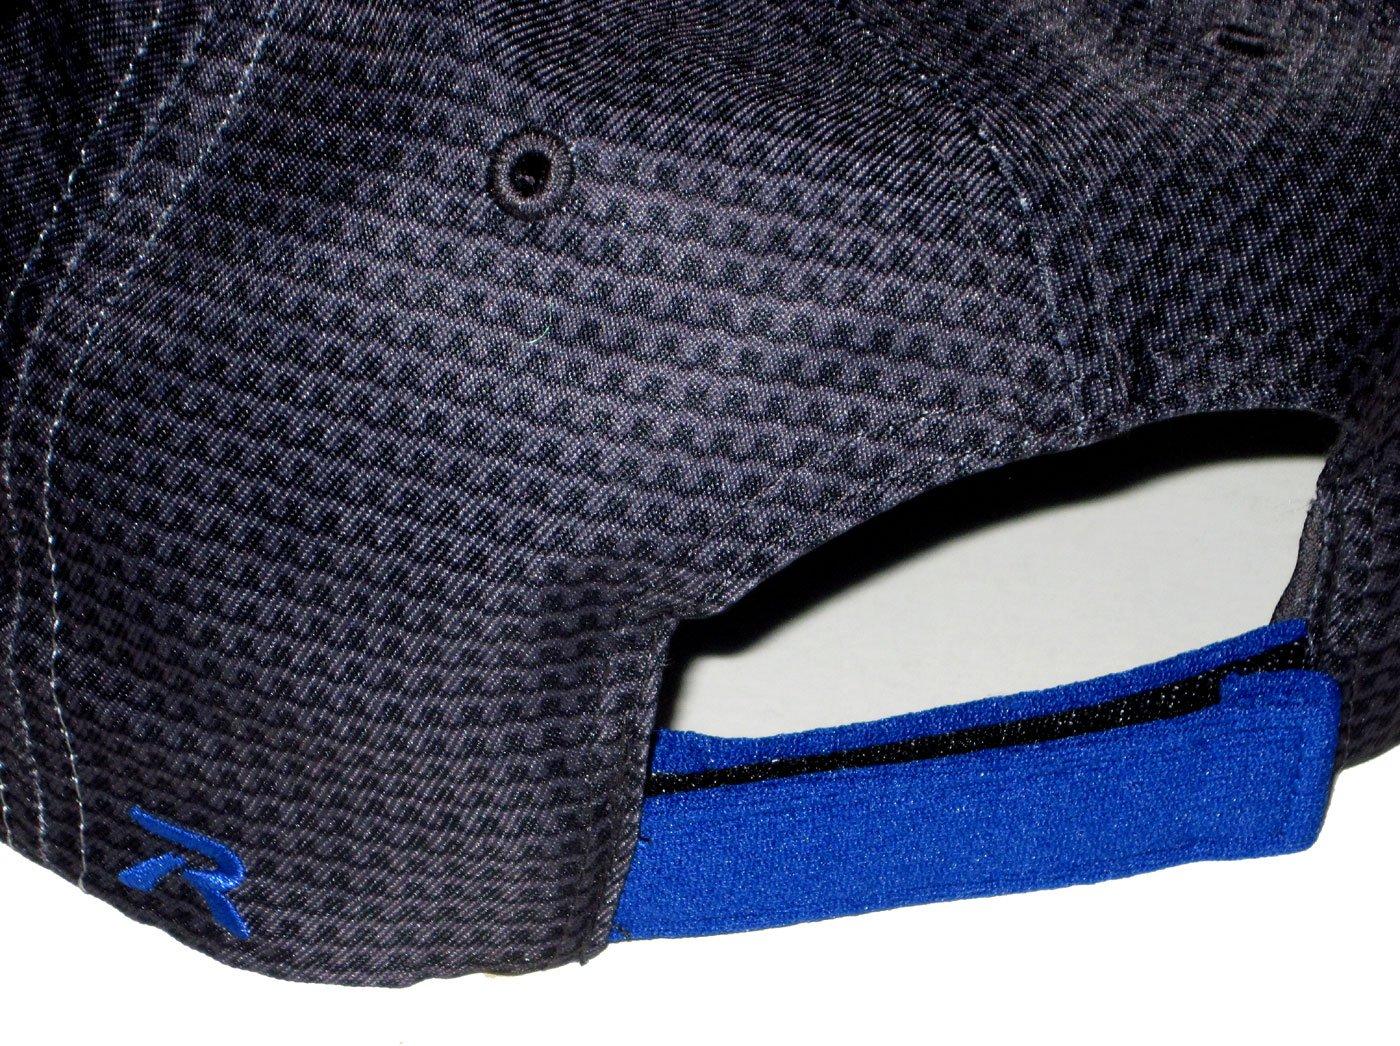 Bundle with Driving Style Decal Corvette Chevrolet C7 NC-284-BL Gregs Automotive Stingray Corvette C7 Carbon Fiber Print Blue//Gray Logo Hat Cap Chevrolet